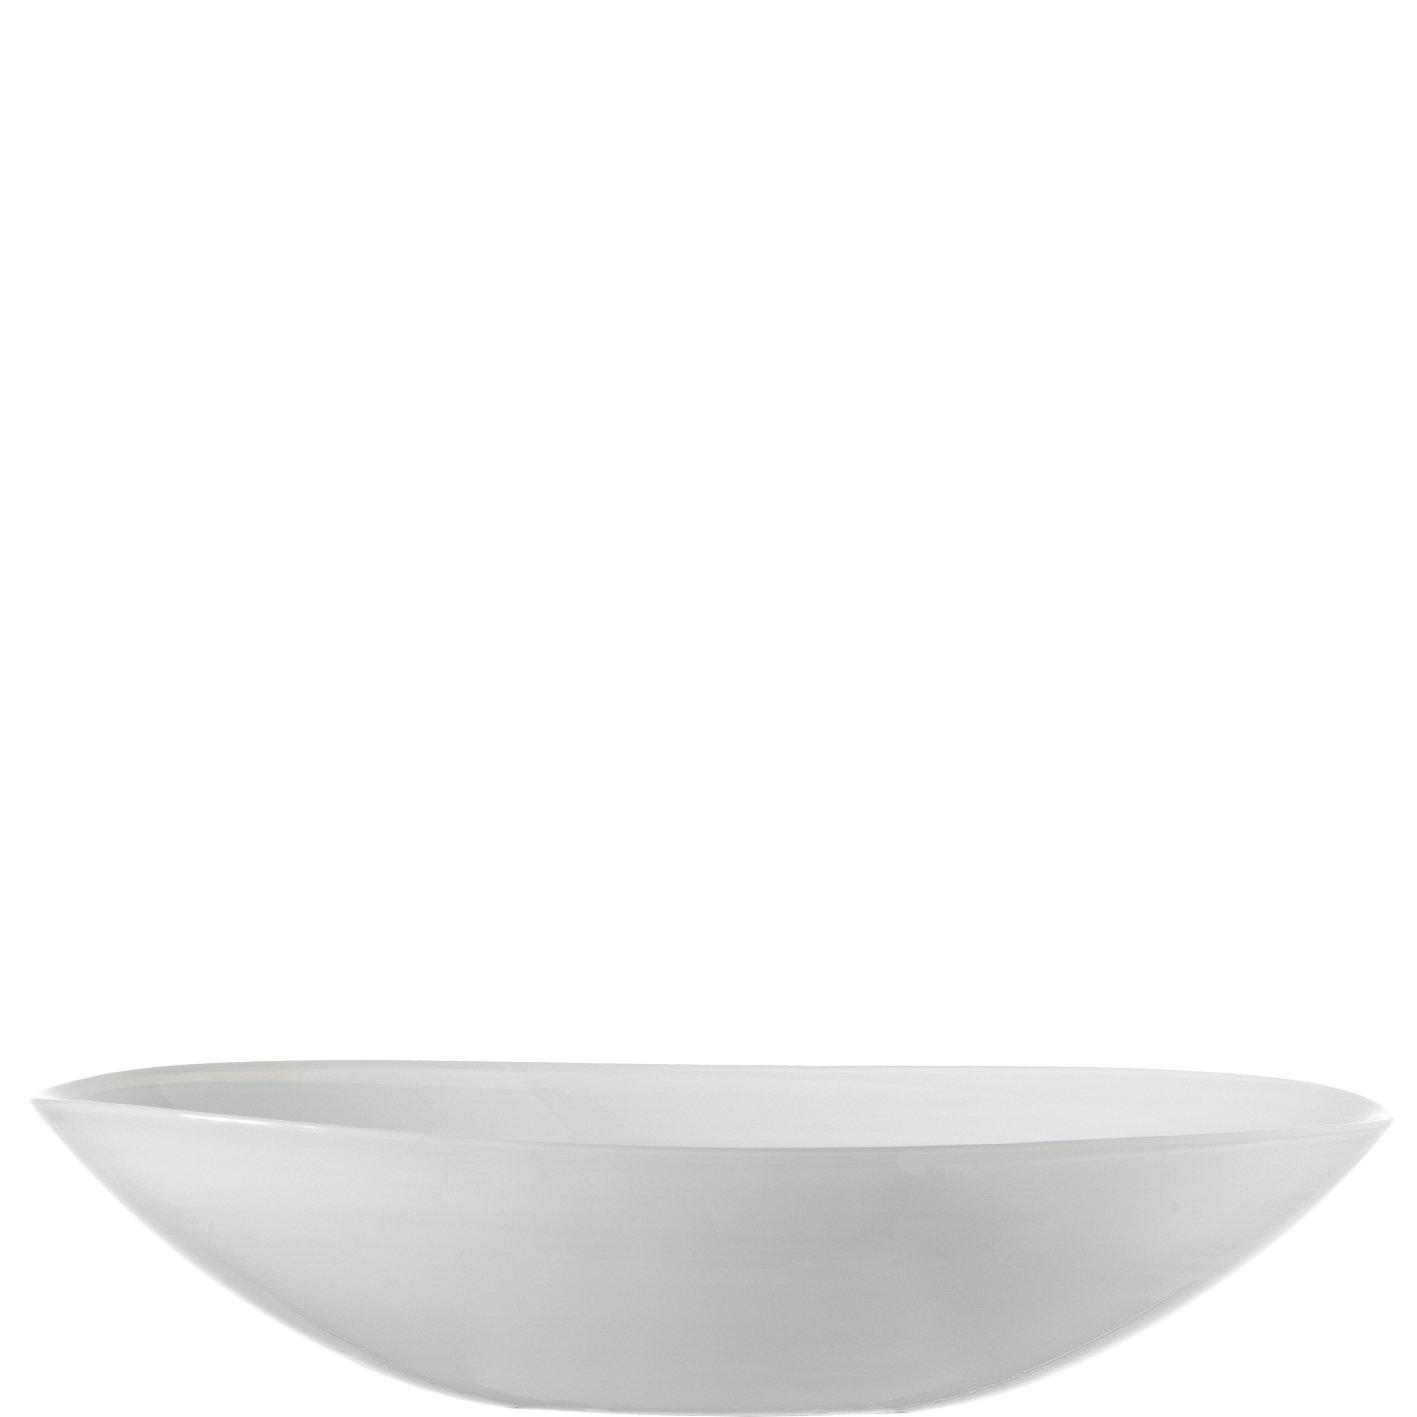 Schale oval 32 weiß Alabastro ALABASTRO